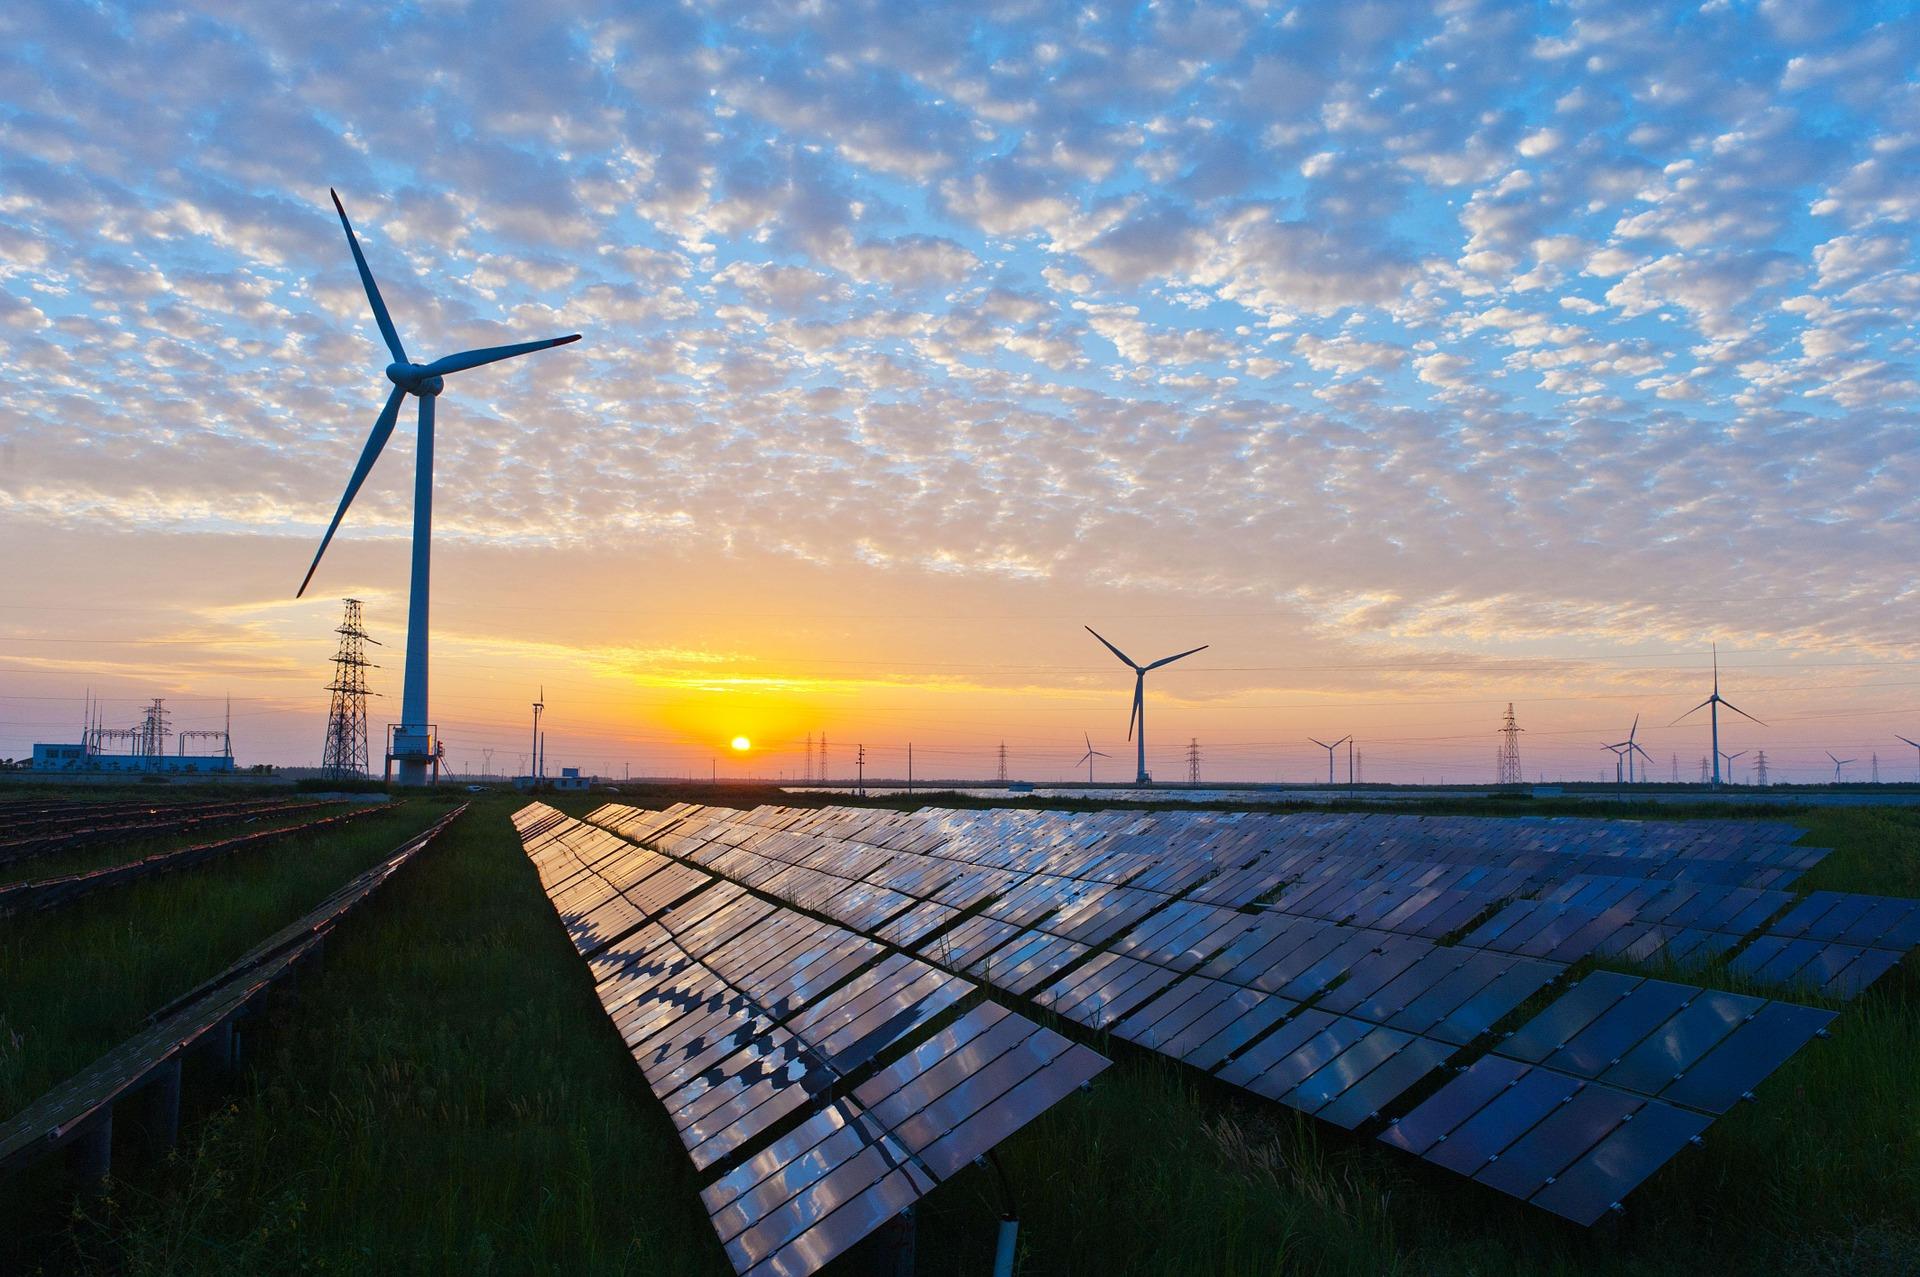 AleaSoft - renovables paneles solares molinos viento